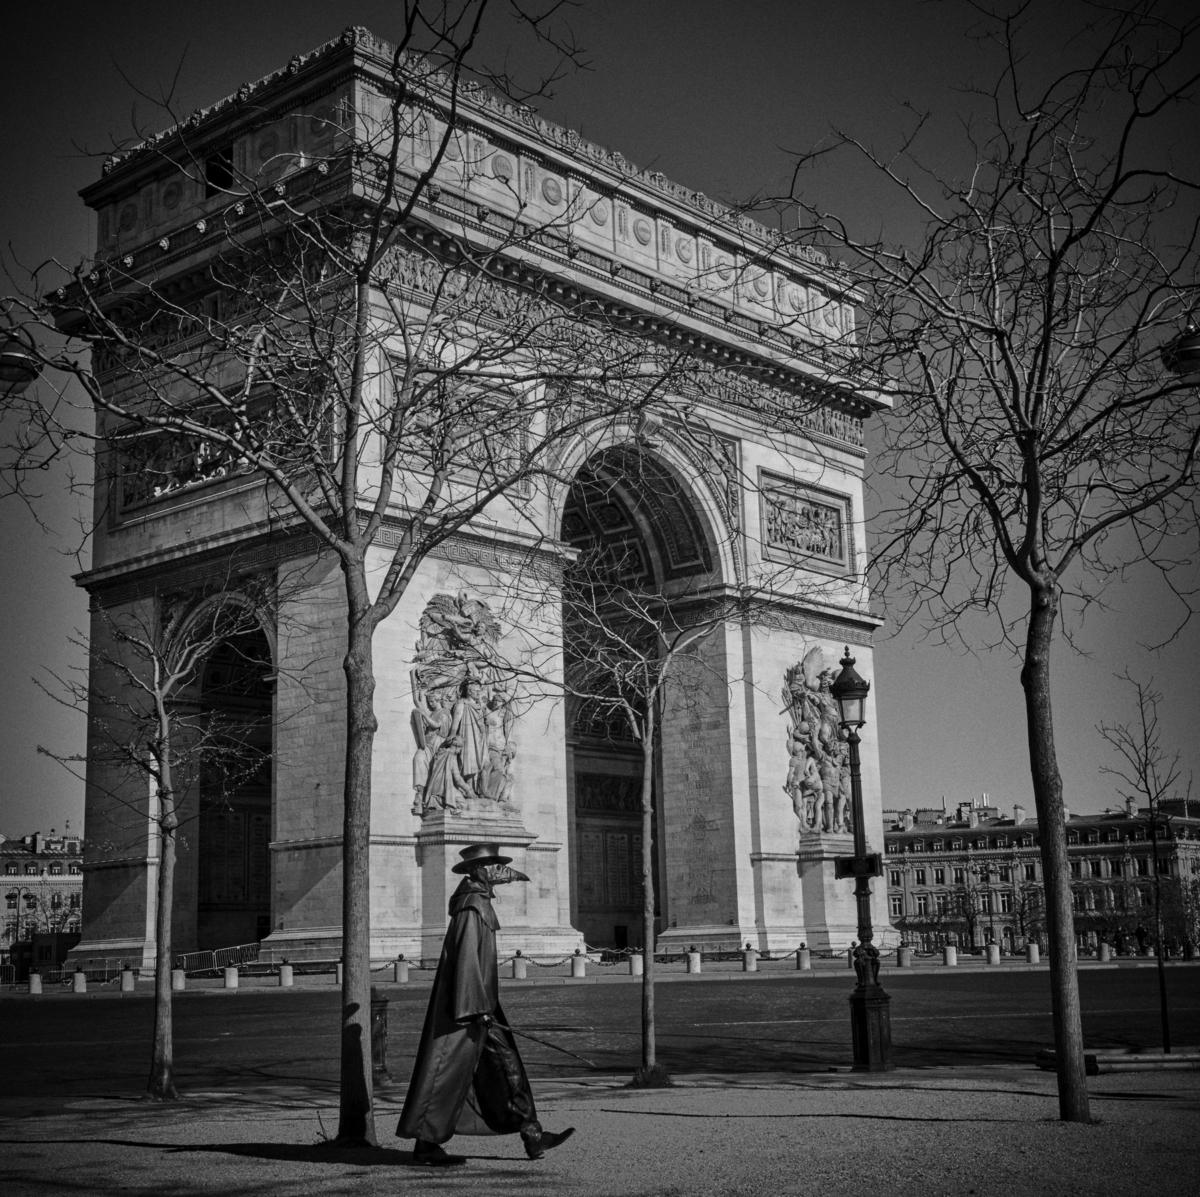 Arc de Triomphe, Paris, mars 2020 Fine Art print sur papier Hahnemühle 25 x 25 cm, SG-DP01 ©STEPHAN GLADIEU